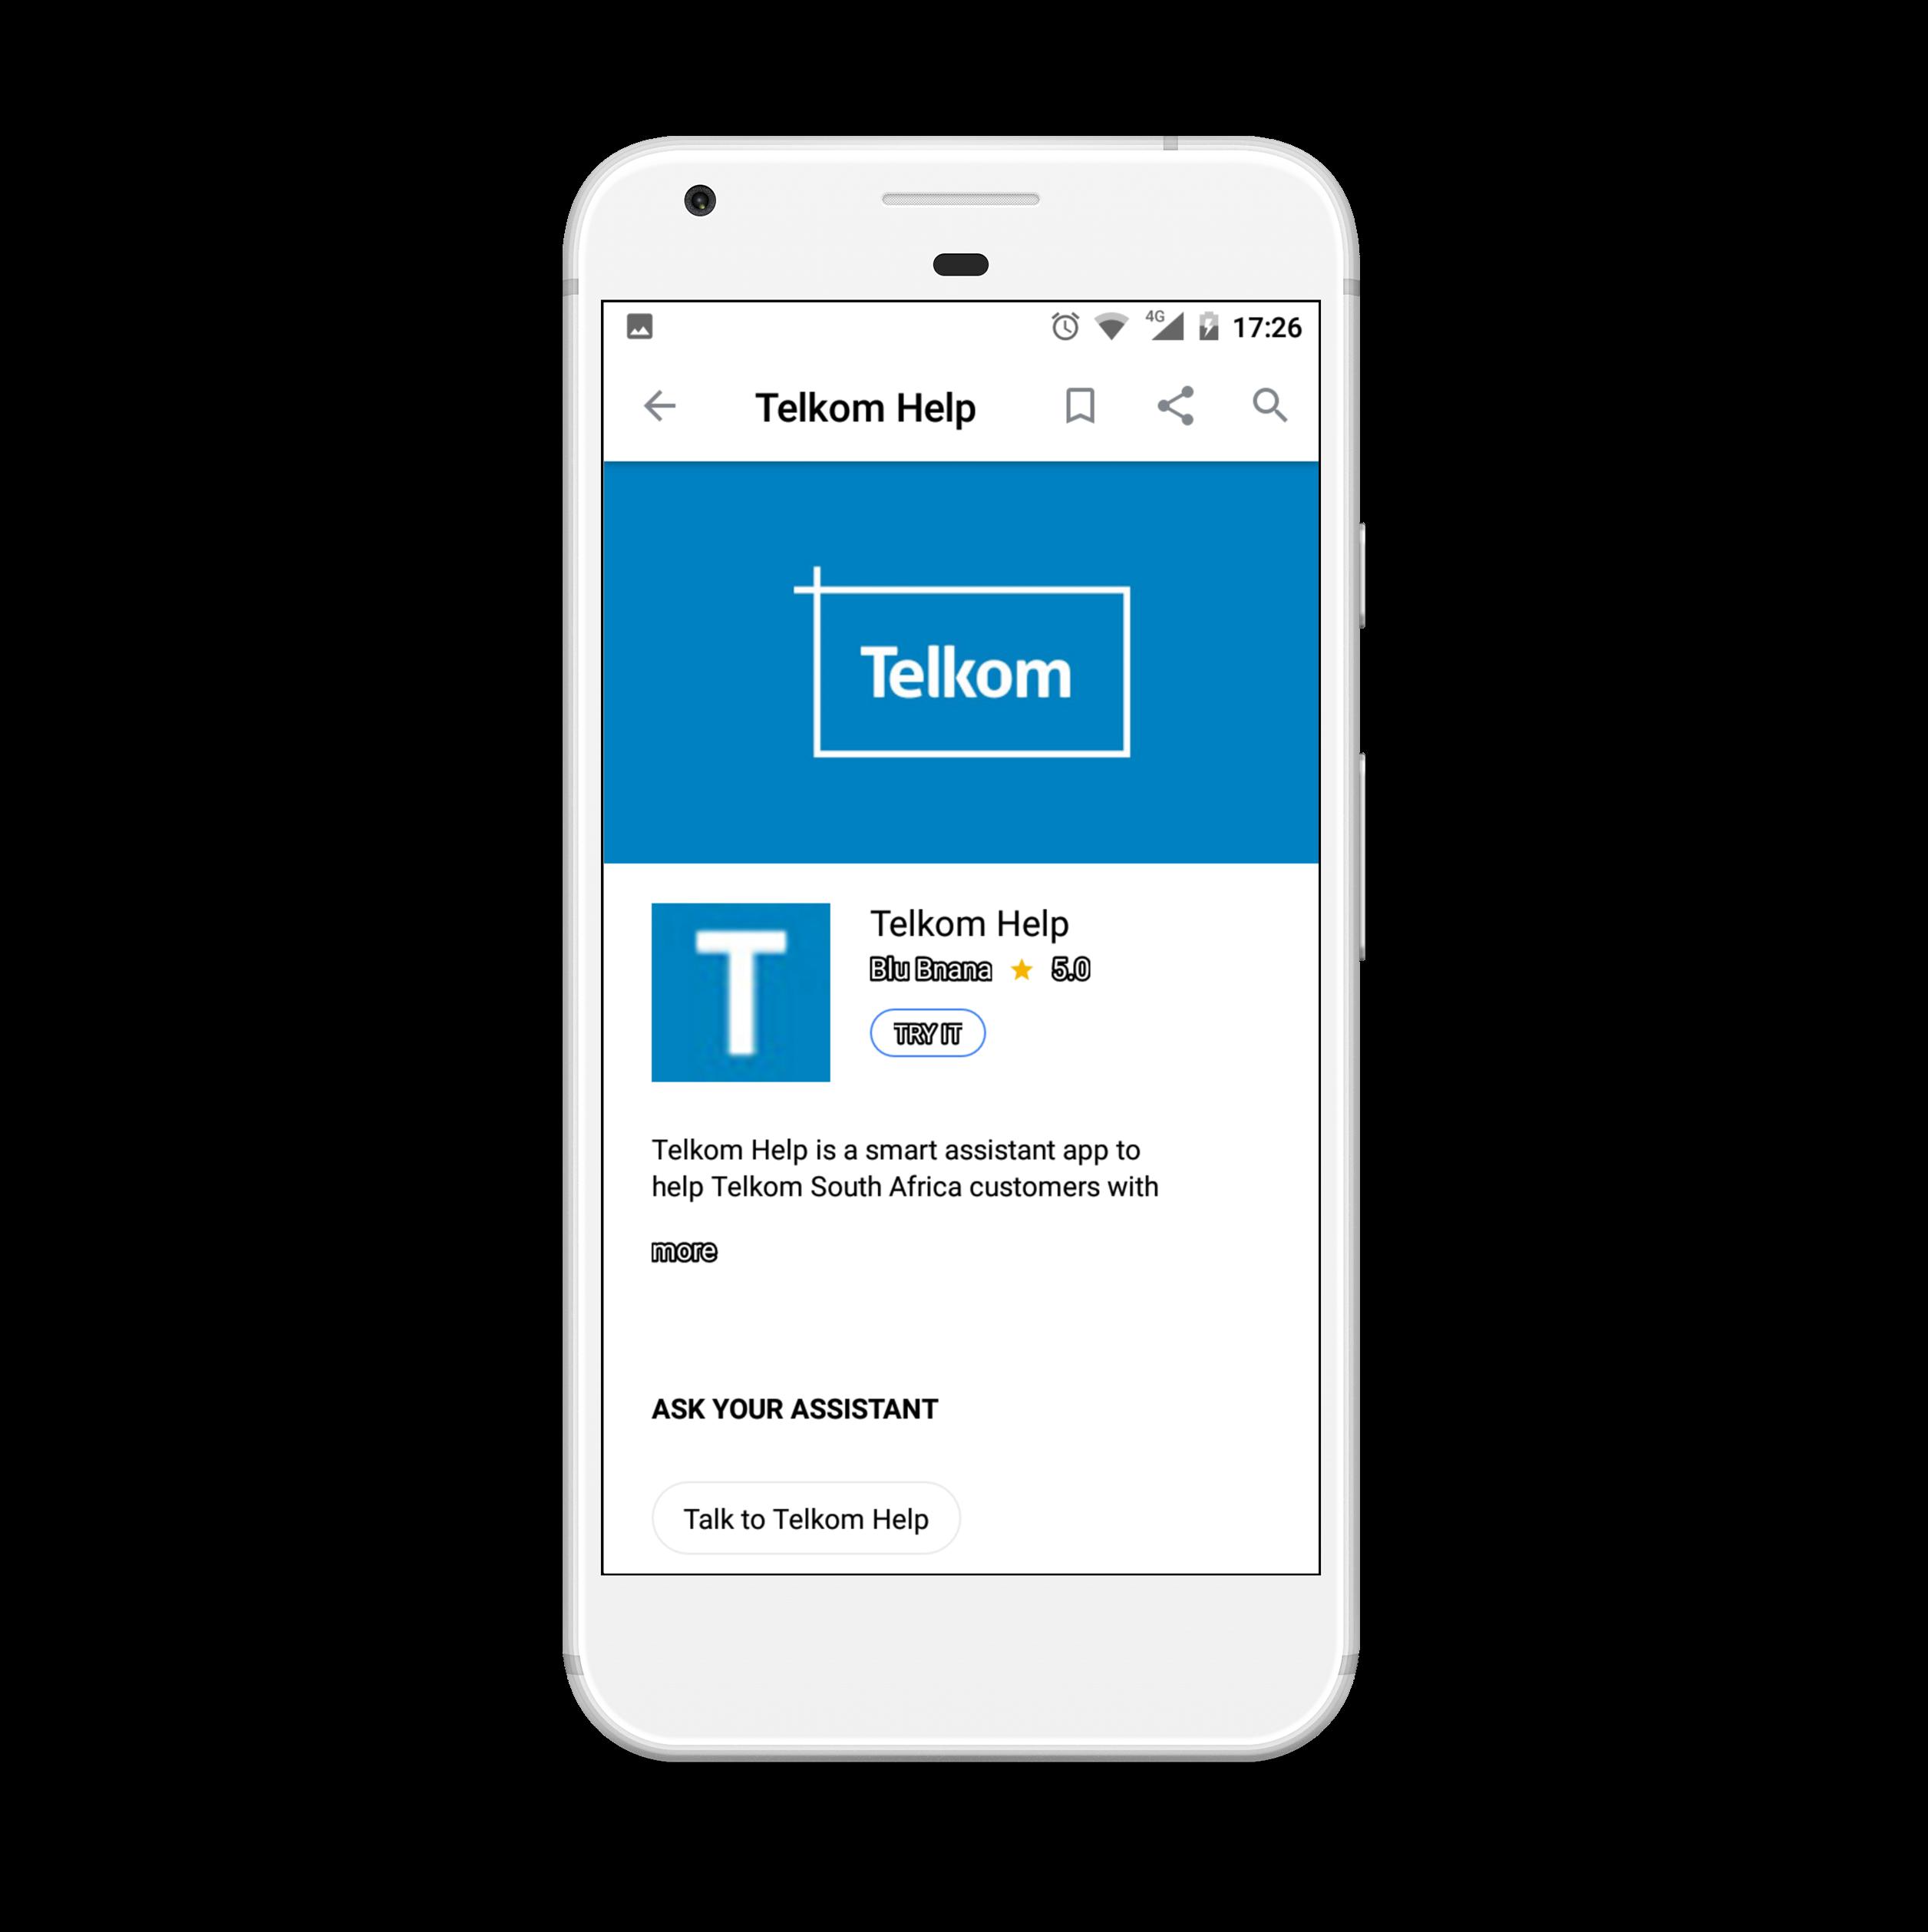 Telkom Help Smart Assistant